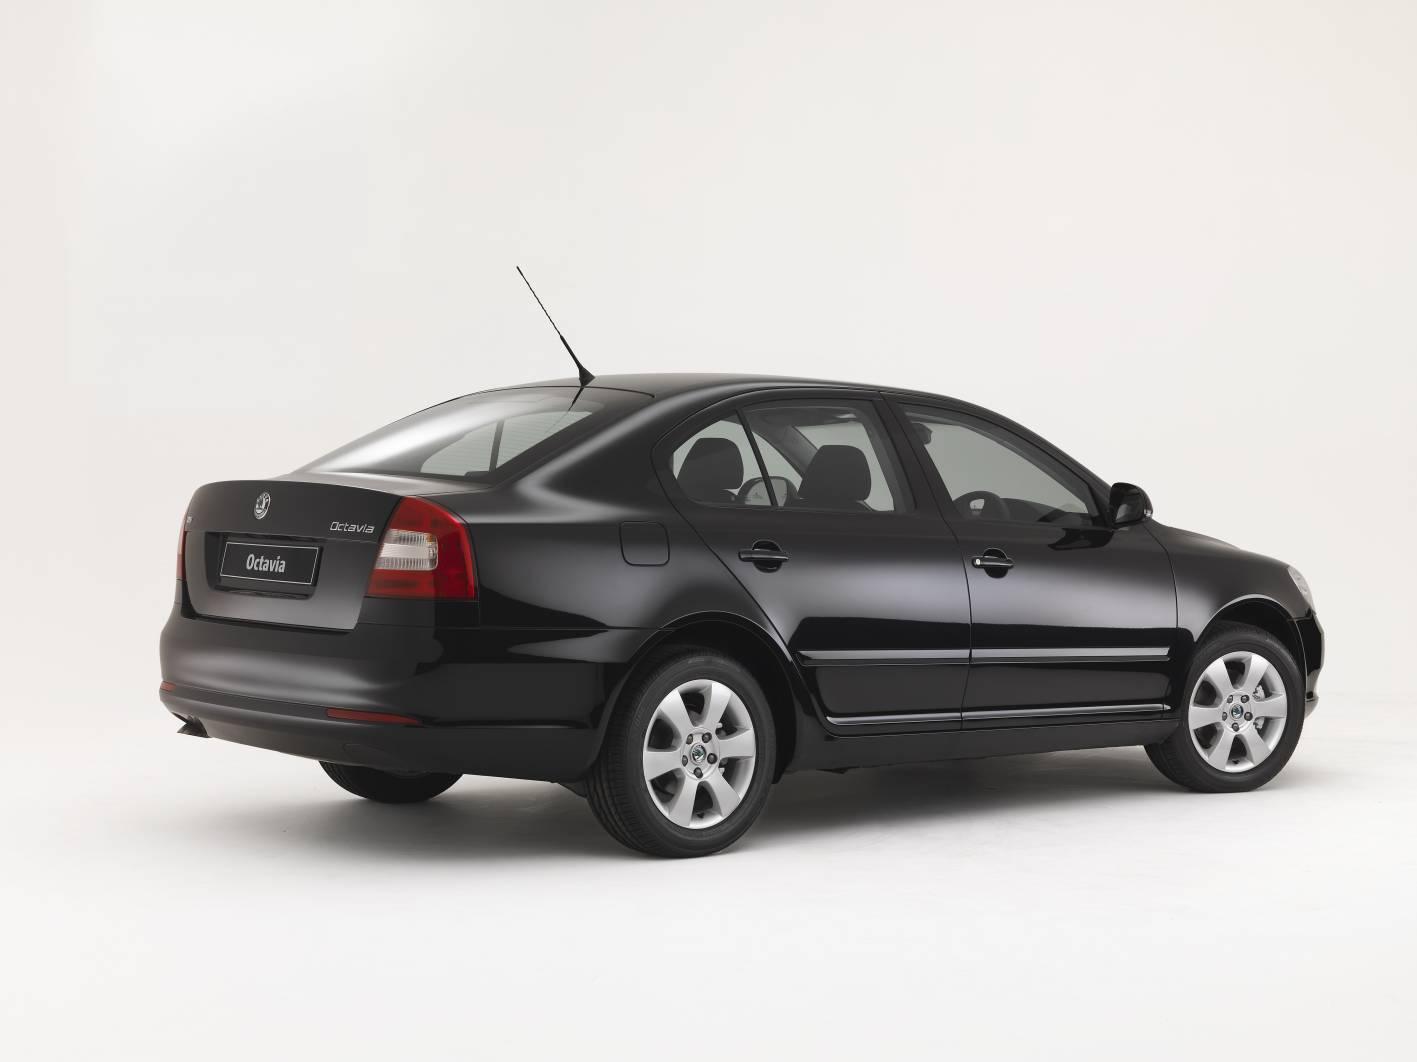 2011_skoda_octavia_sedan_csr_04